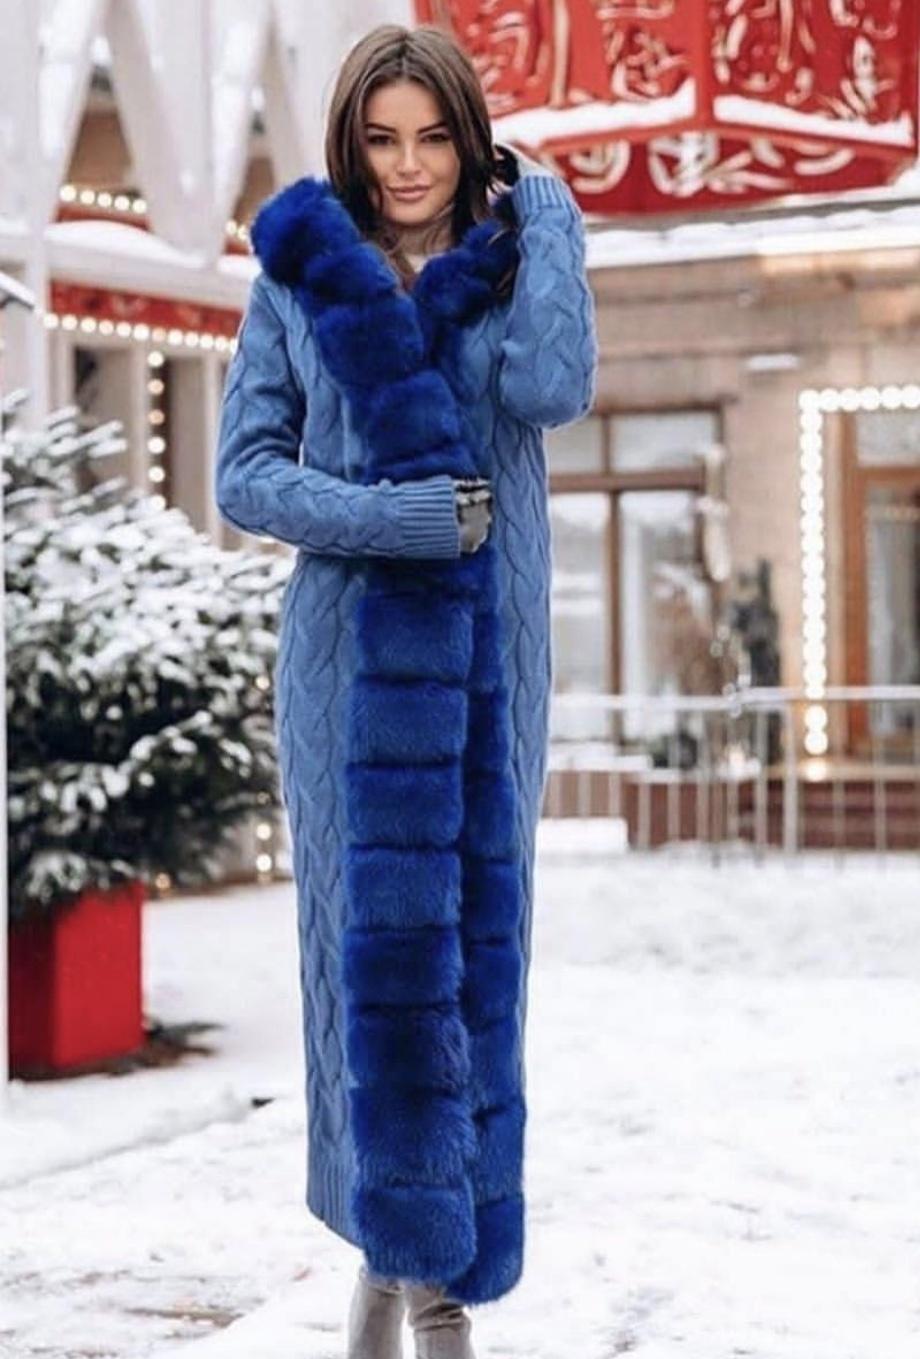 Кашемировые кардиганы с мехом Длинный голубой кардиган с синим мехом финского песца